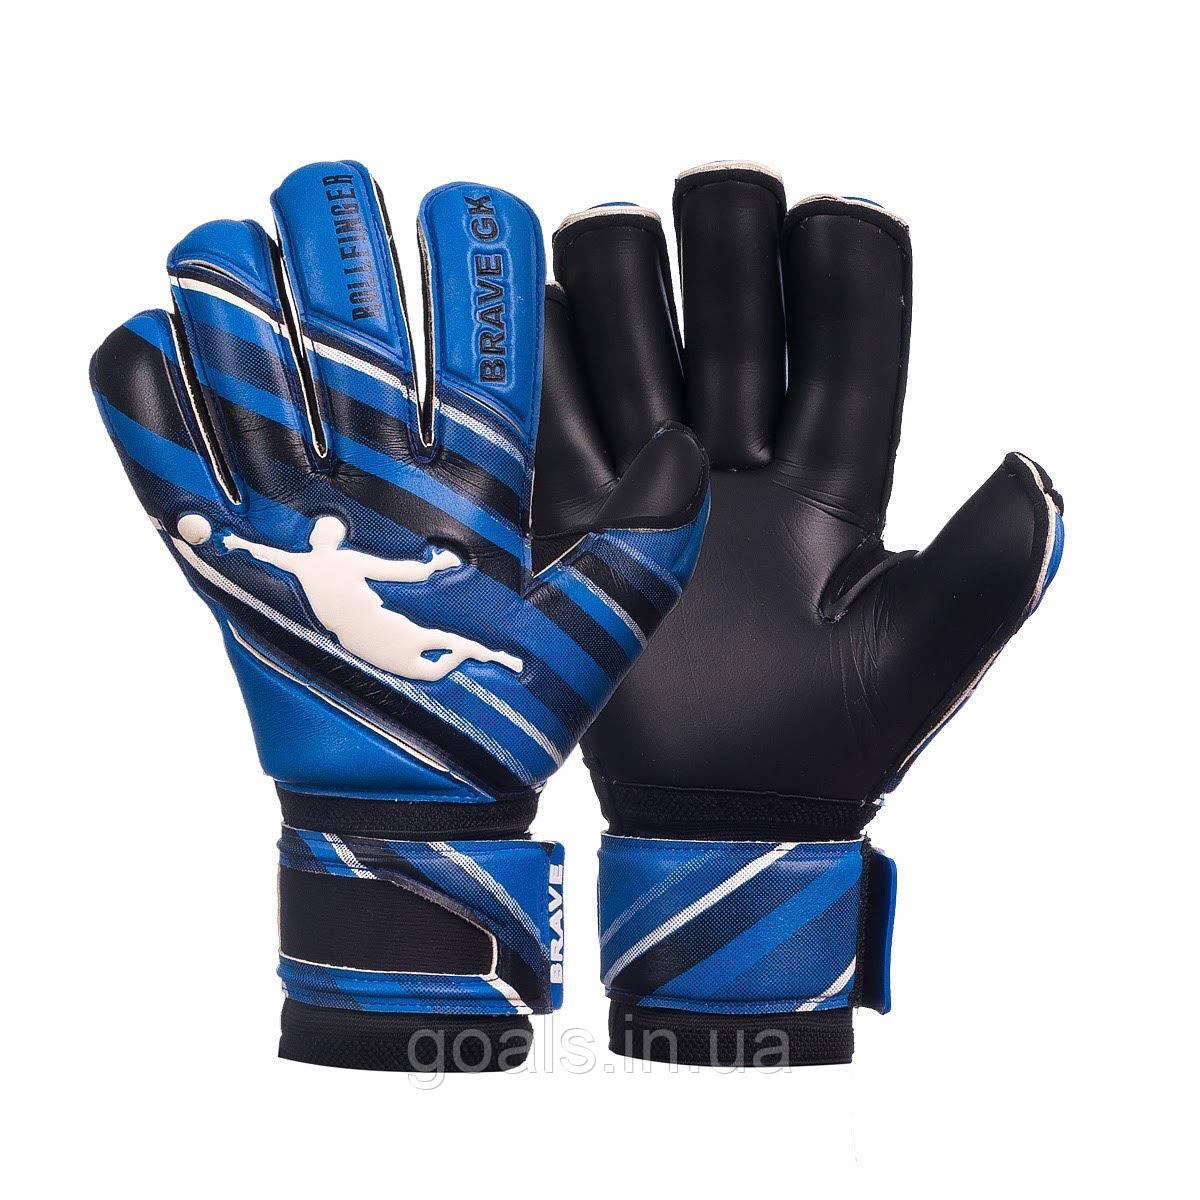 Перчатки вратарские BRAVE GK PHANTOME BLACK/BLUE NEW p.9